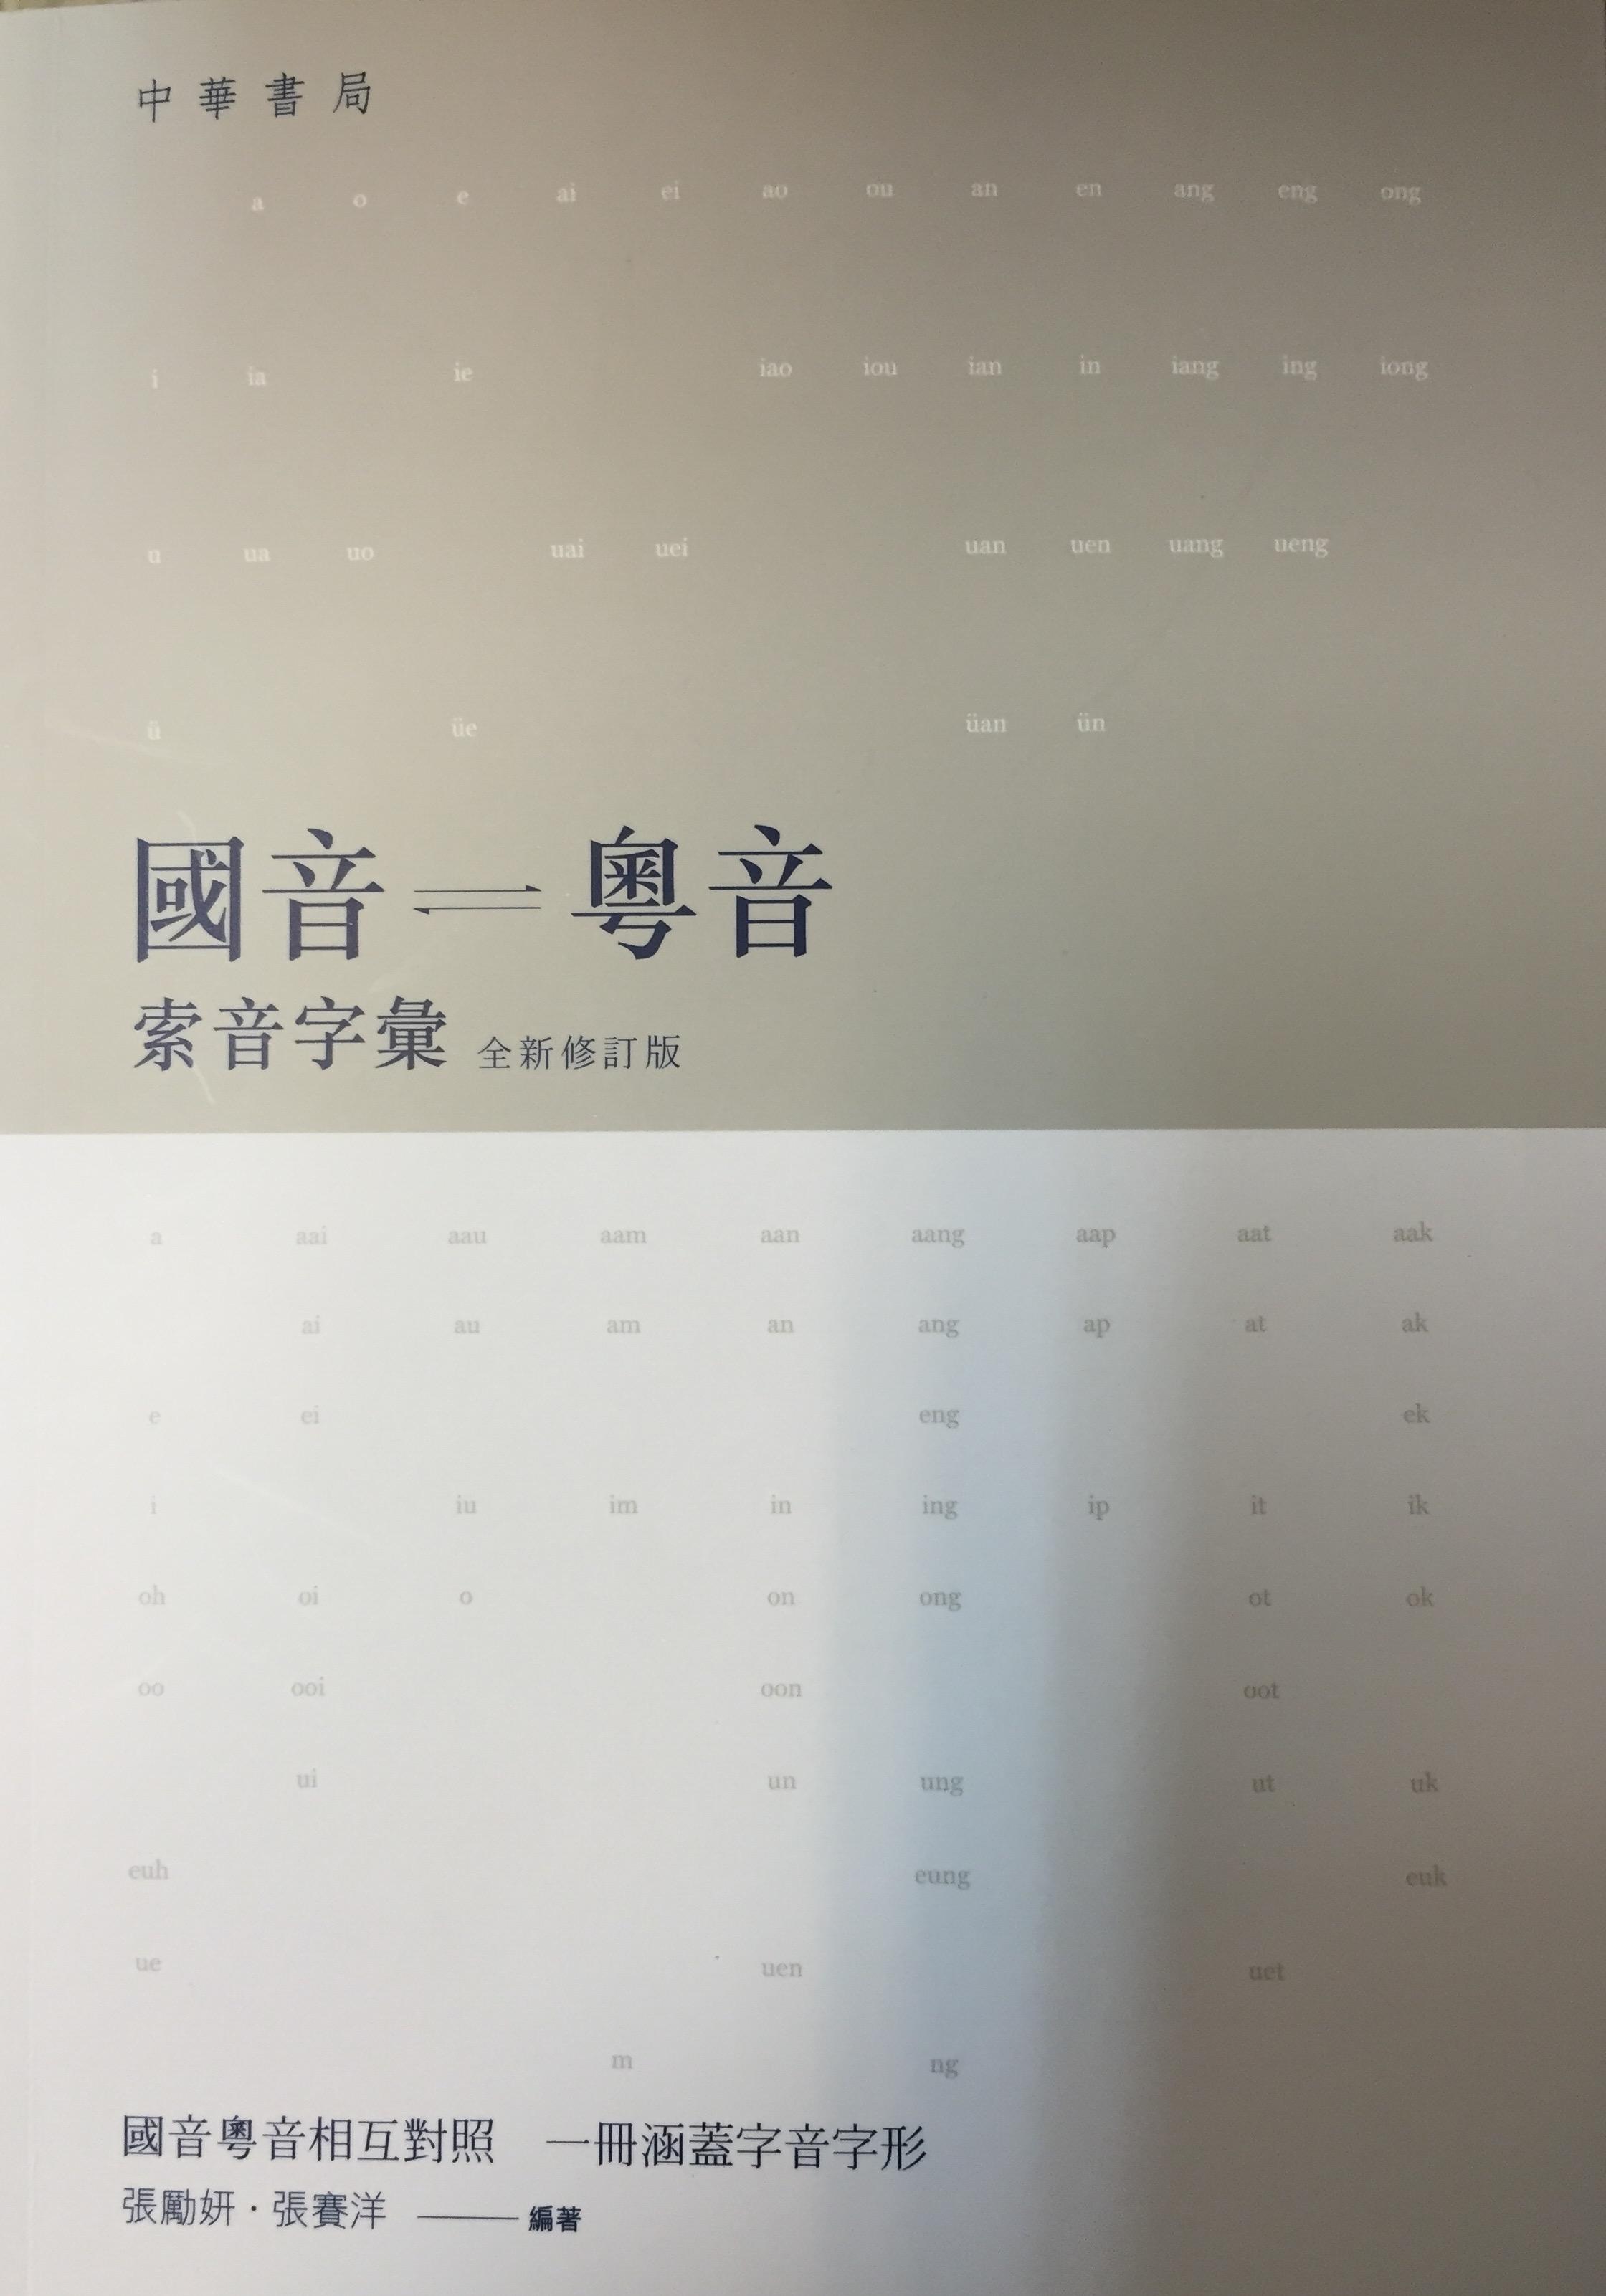 國音粵音索音字彙